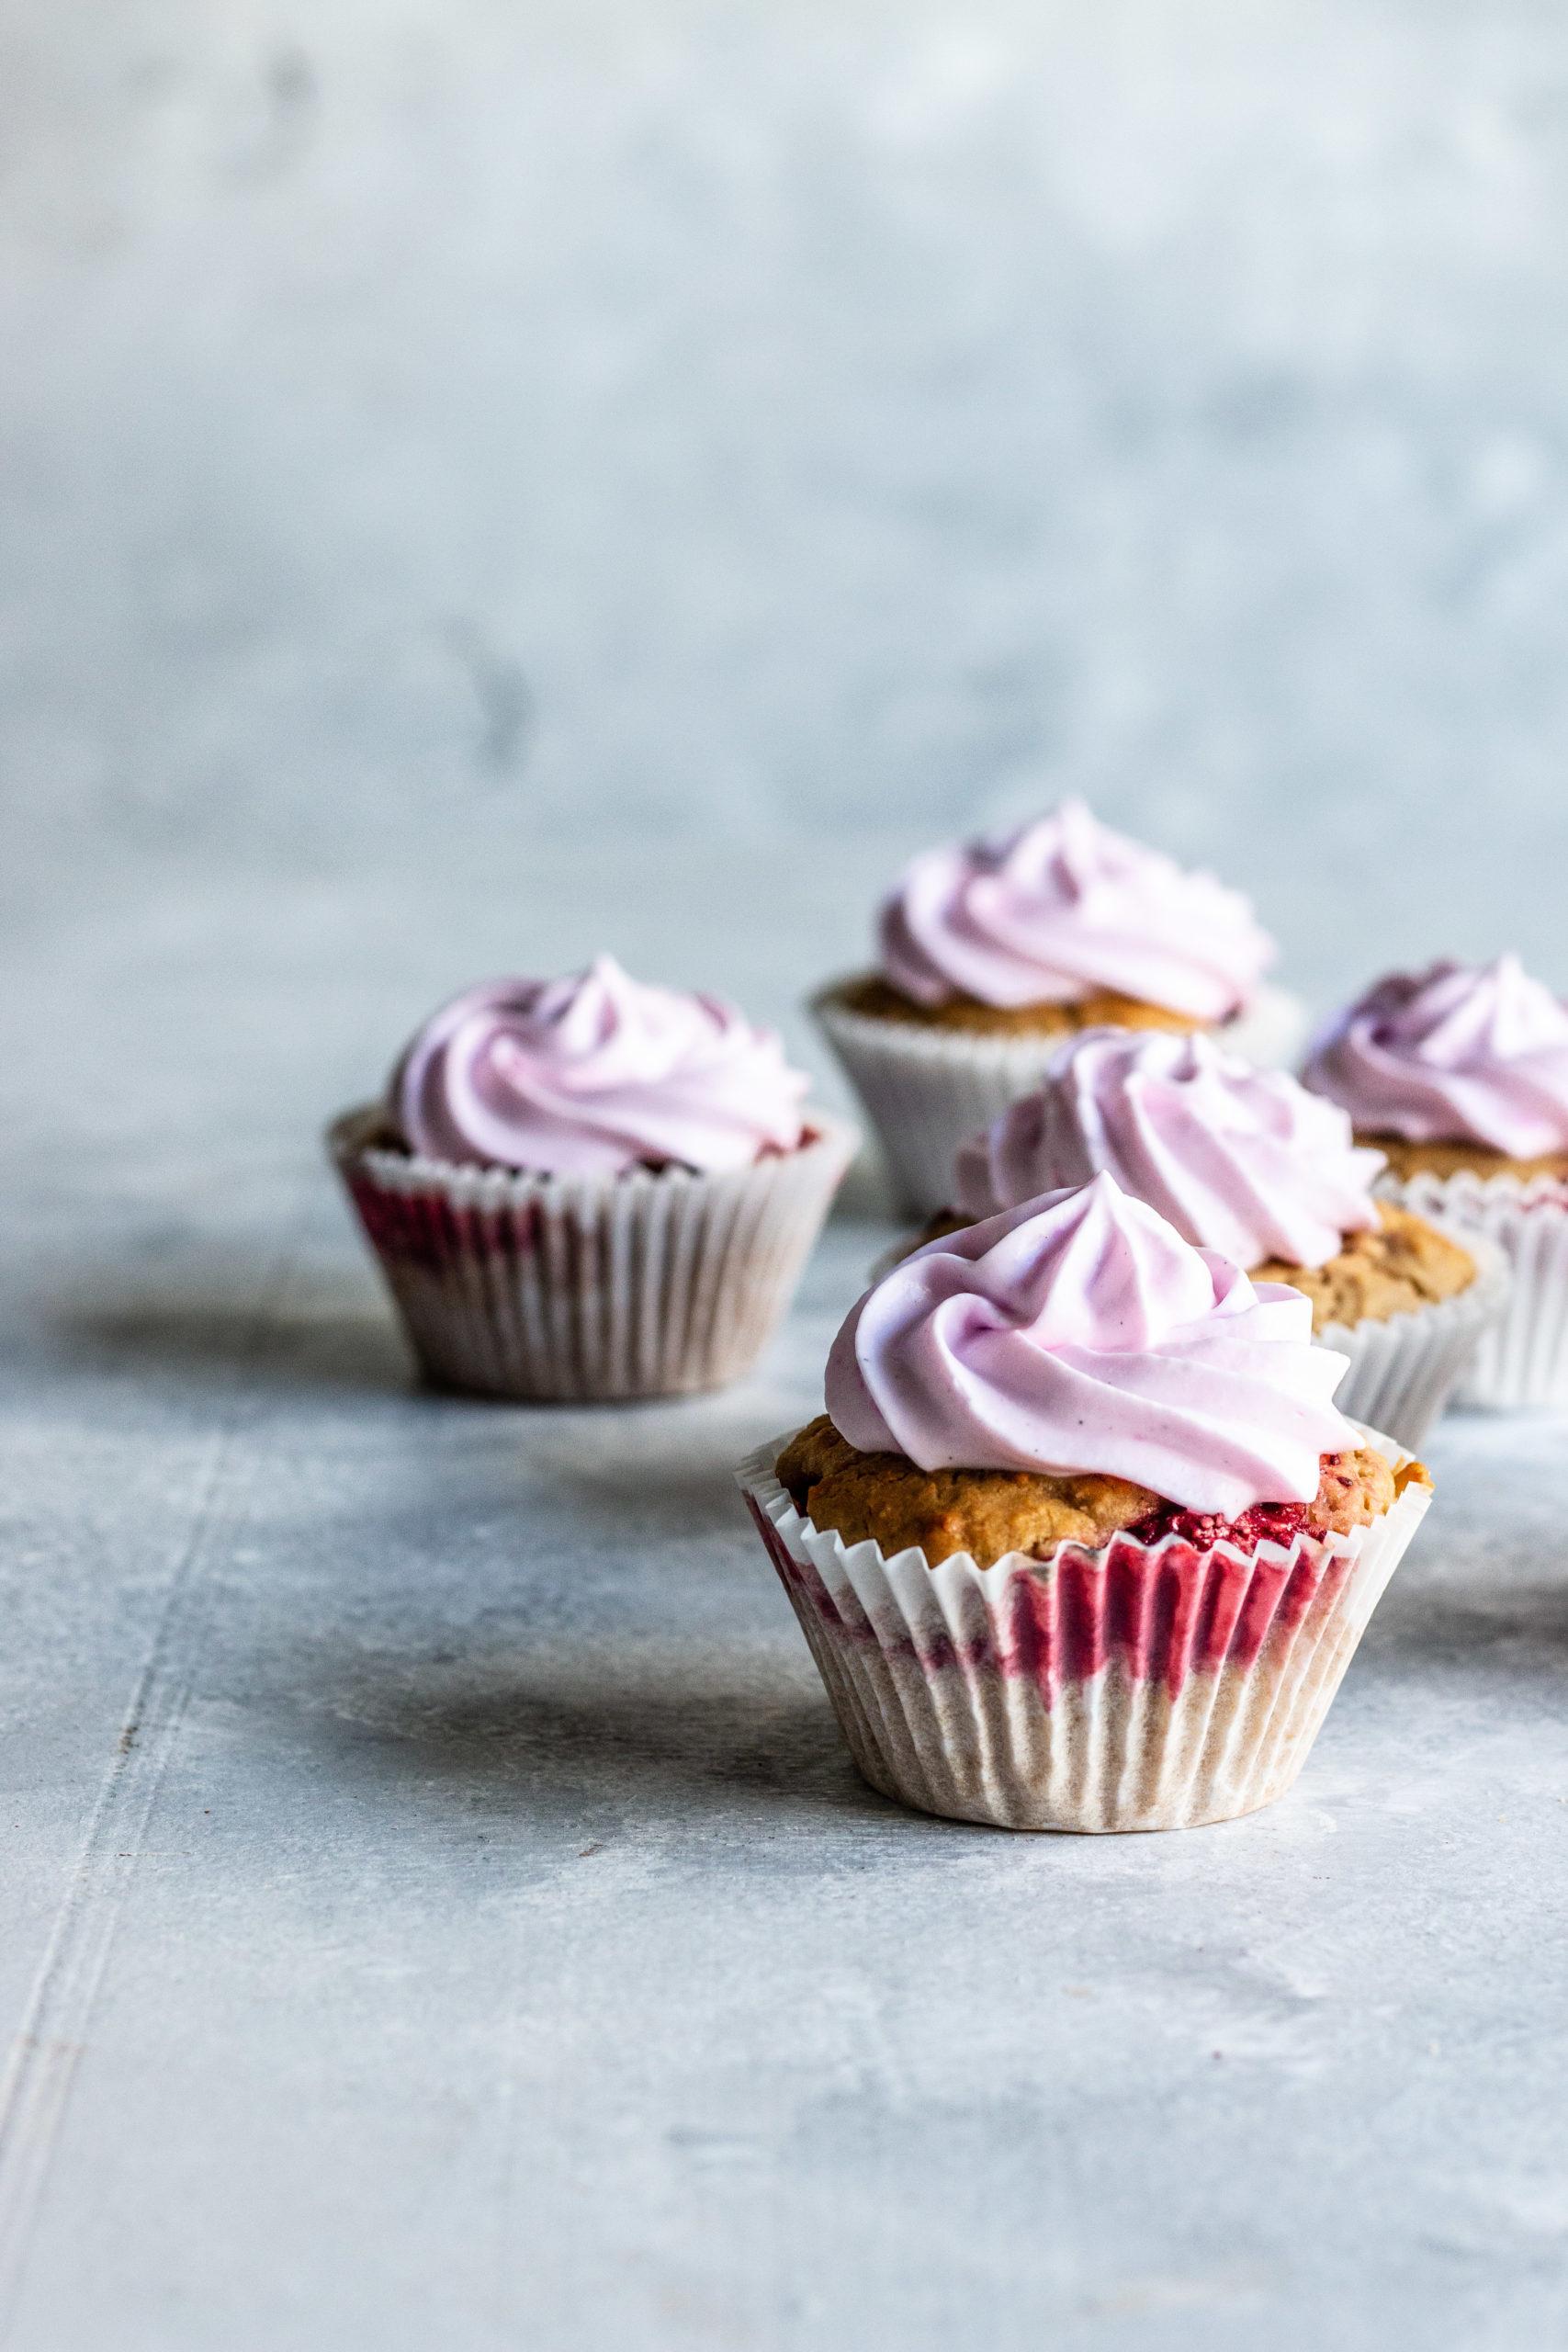 egg free baking, vegan cupcake recipe, vegan recipes, egg free recipes, cupcakes, strawberry cupcakes, strawberry and coconut cupcakes, gluten free cupcake recipes, dairy free cupcake recipes